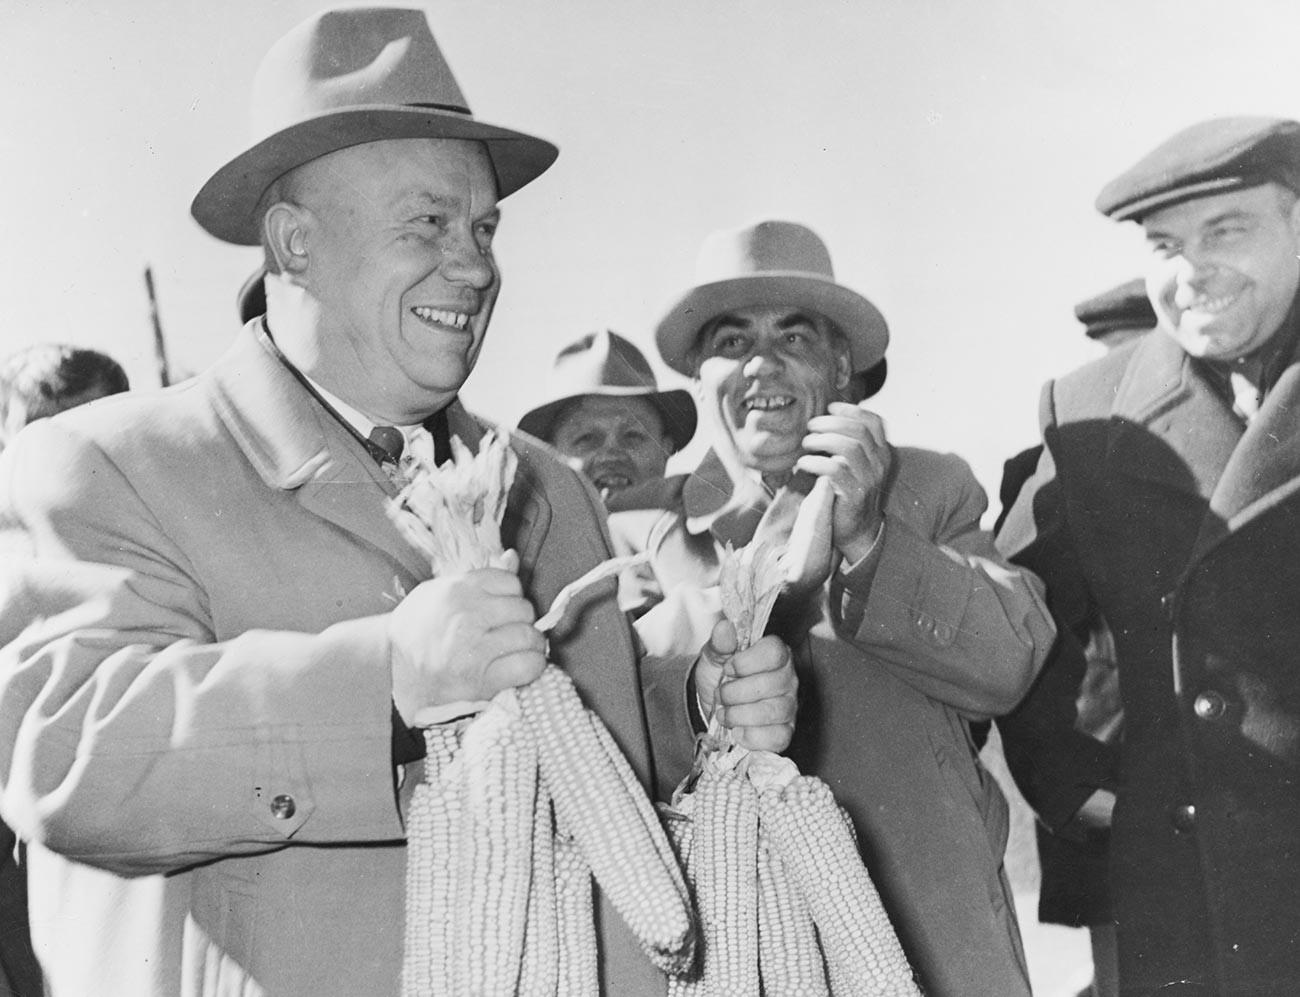 Генерални секретар Комунистичке партије СССР-а Никита Хручшов у посети Стаљиновом колхозу у Невиномиску, Ставропољски крај, бивши СССР, 1958. У рукама држи кукуруз који је добио на поклон.